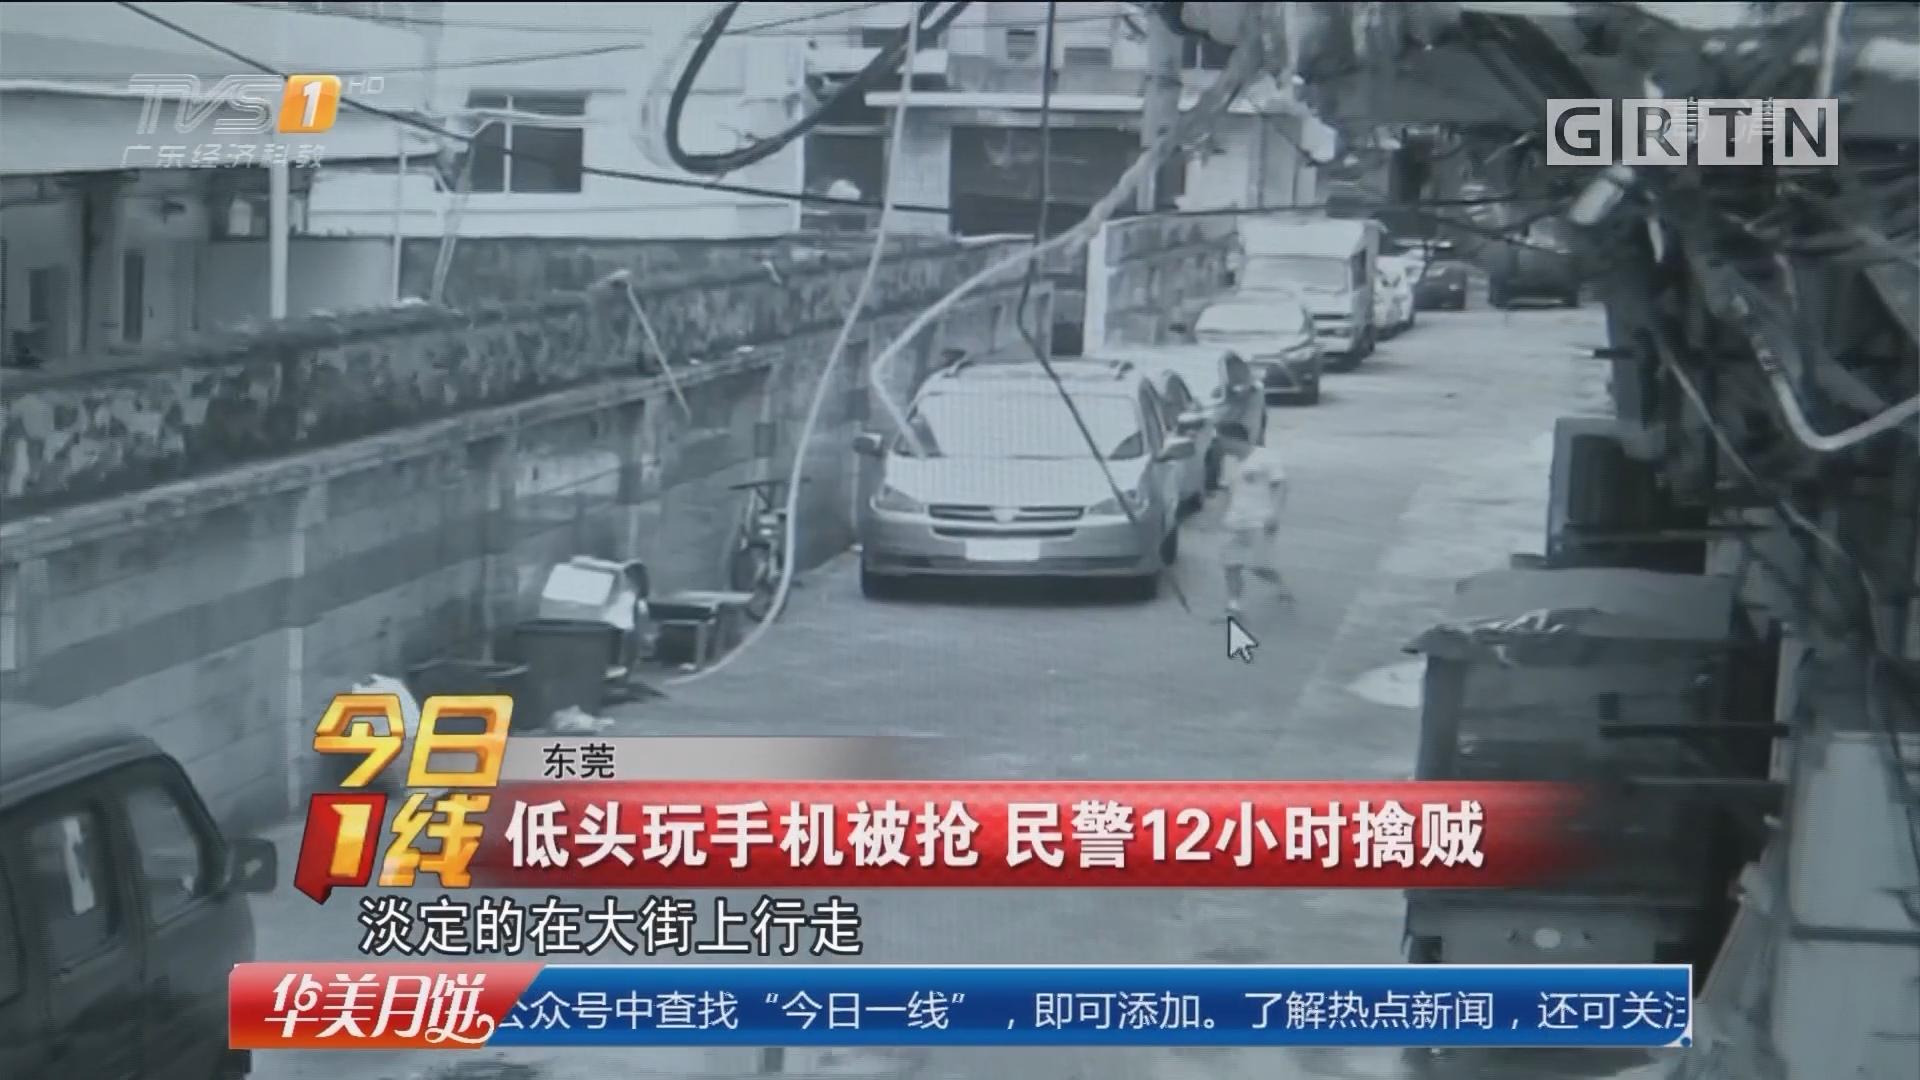 东莞:低头玩手机被抢 民警12小时擒贼